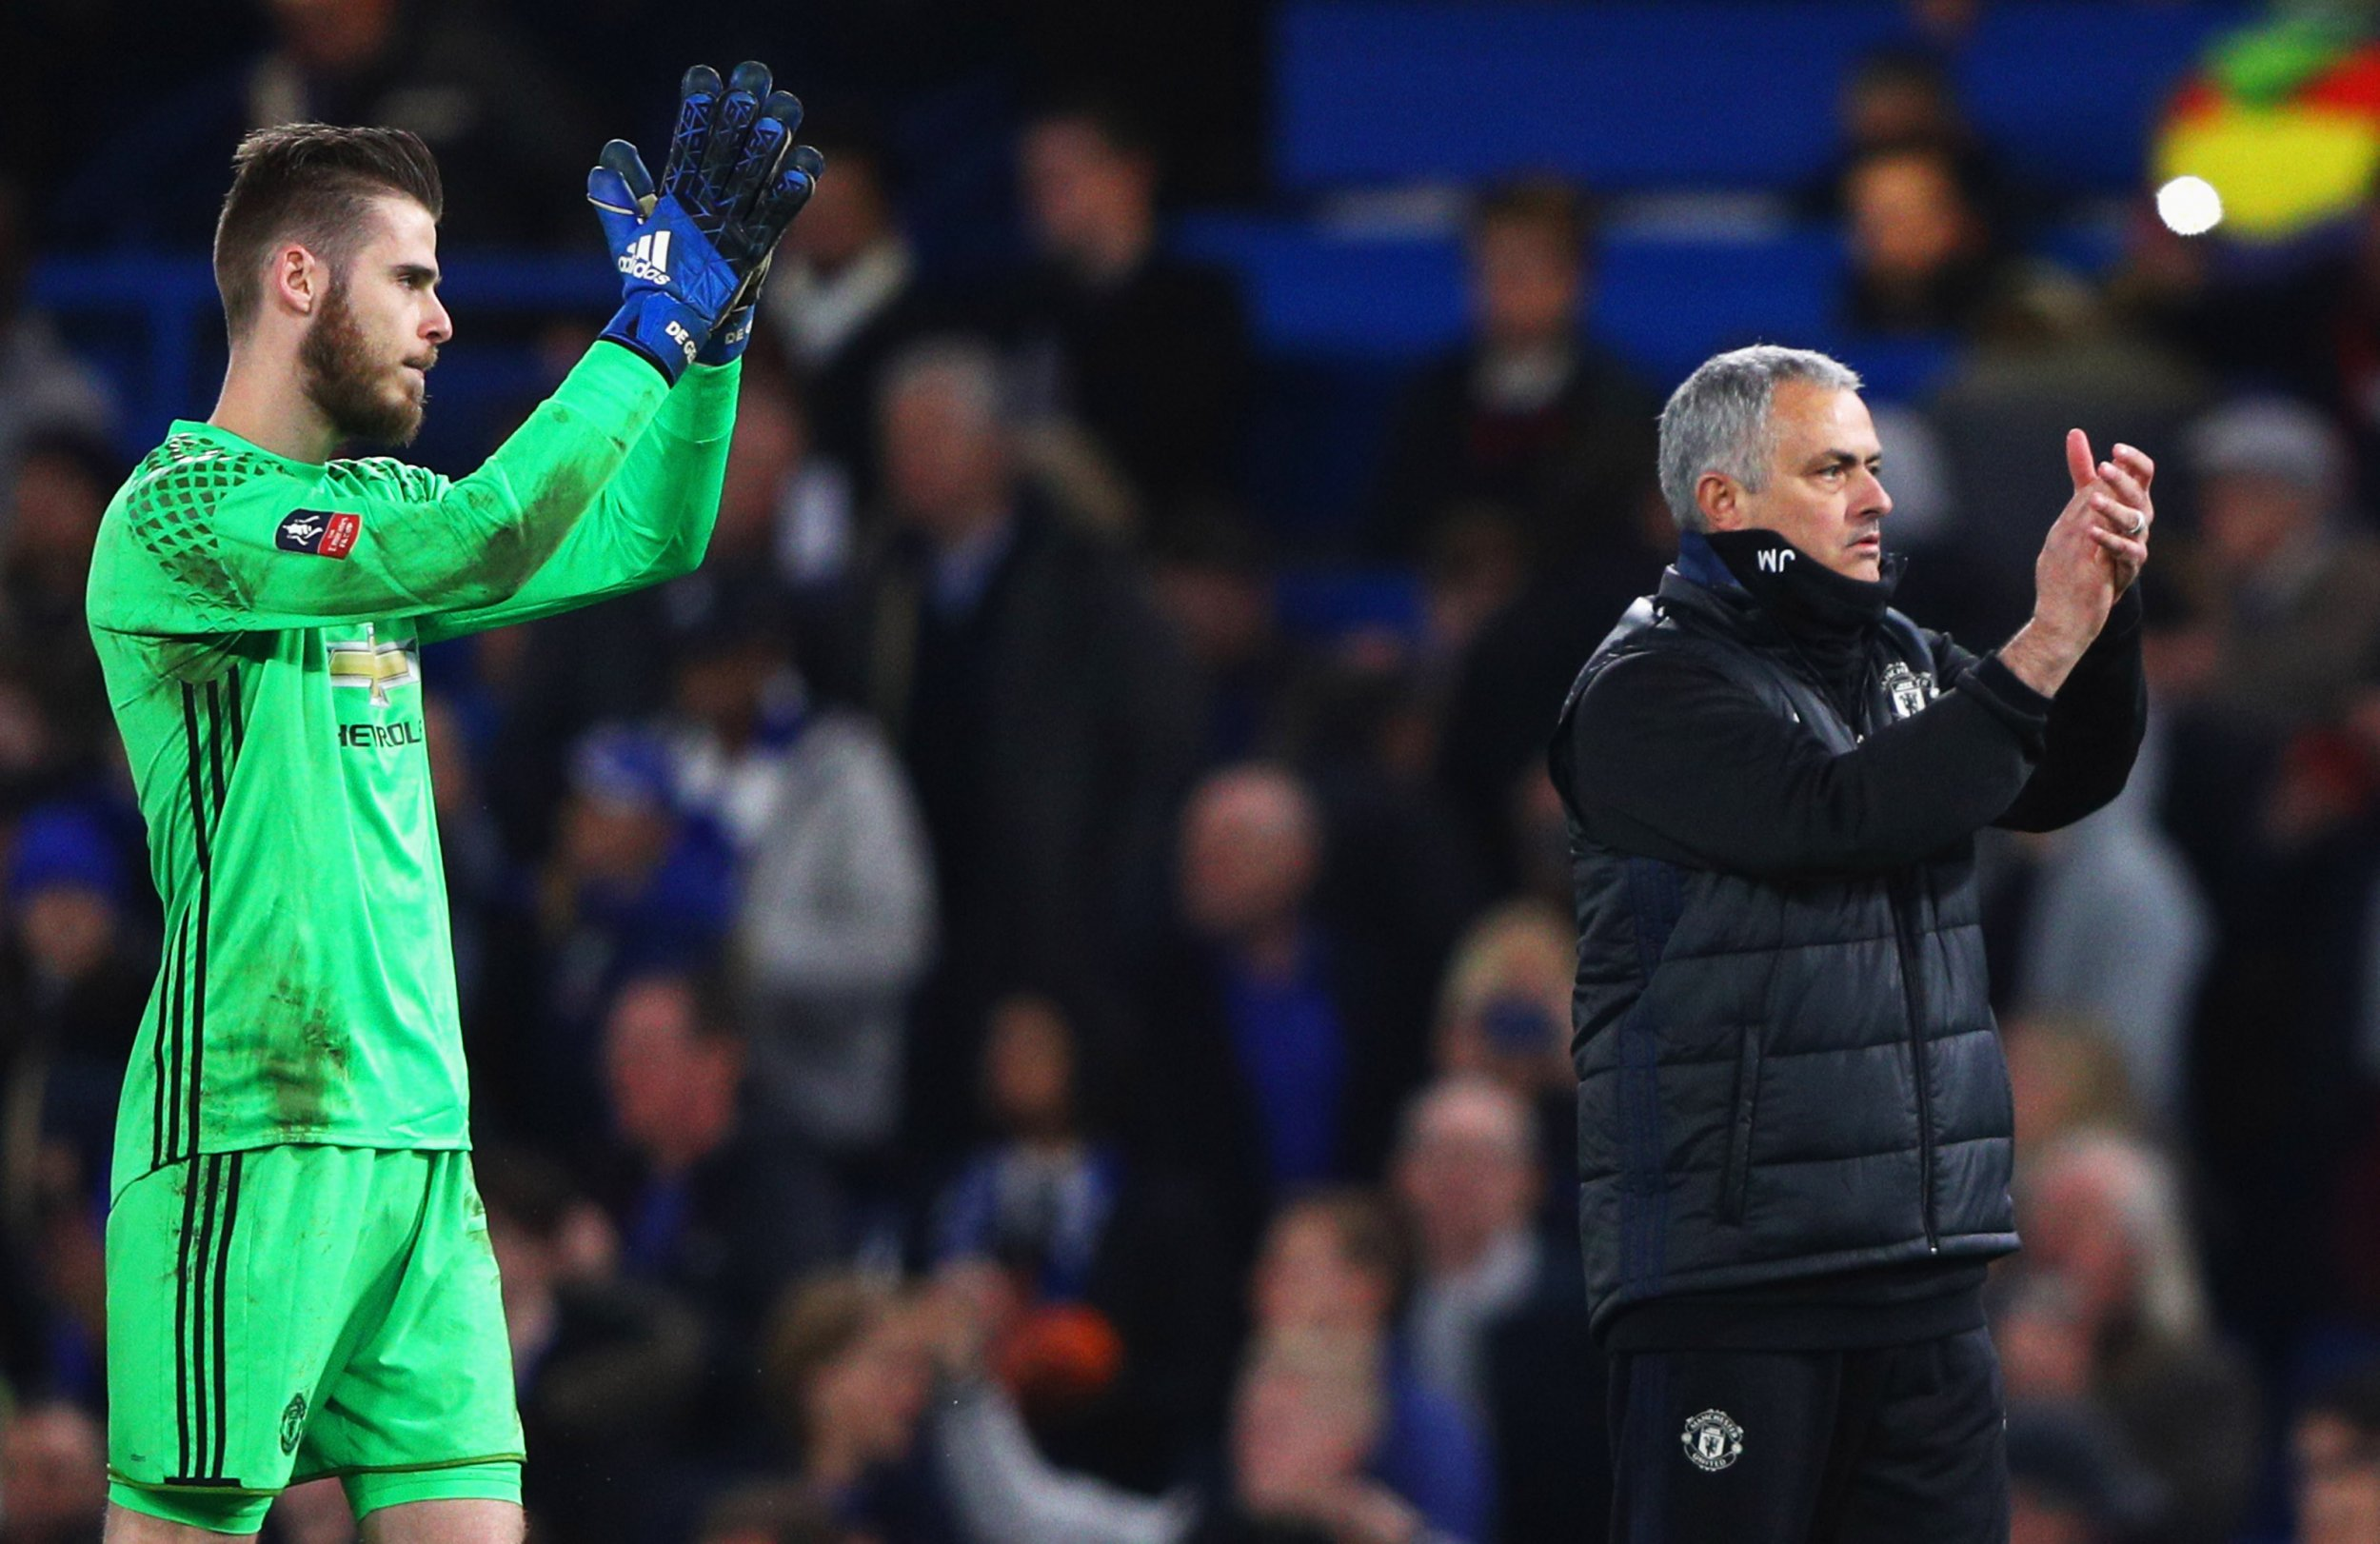 David De Gea, left, with Manchester United manager Jose Mourinho.